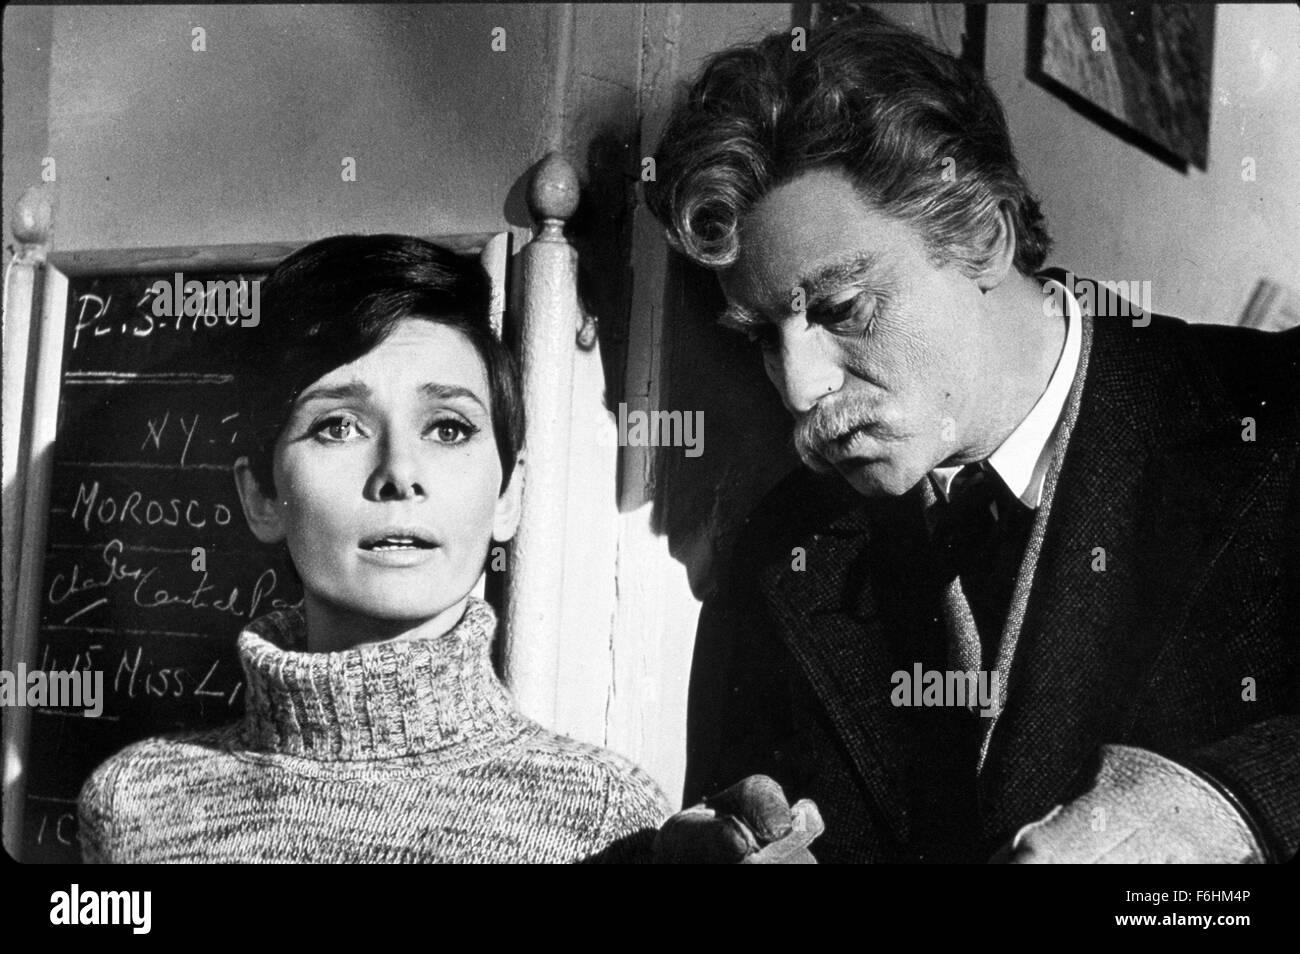 1967, Film Title: WAIT UNTIL DARK, Director: TERENCE YOUNG, Studio: WARNER, Pictured: ALAN ARKIN, AUDREY HEPBURN, - Stock Image